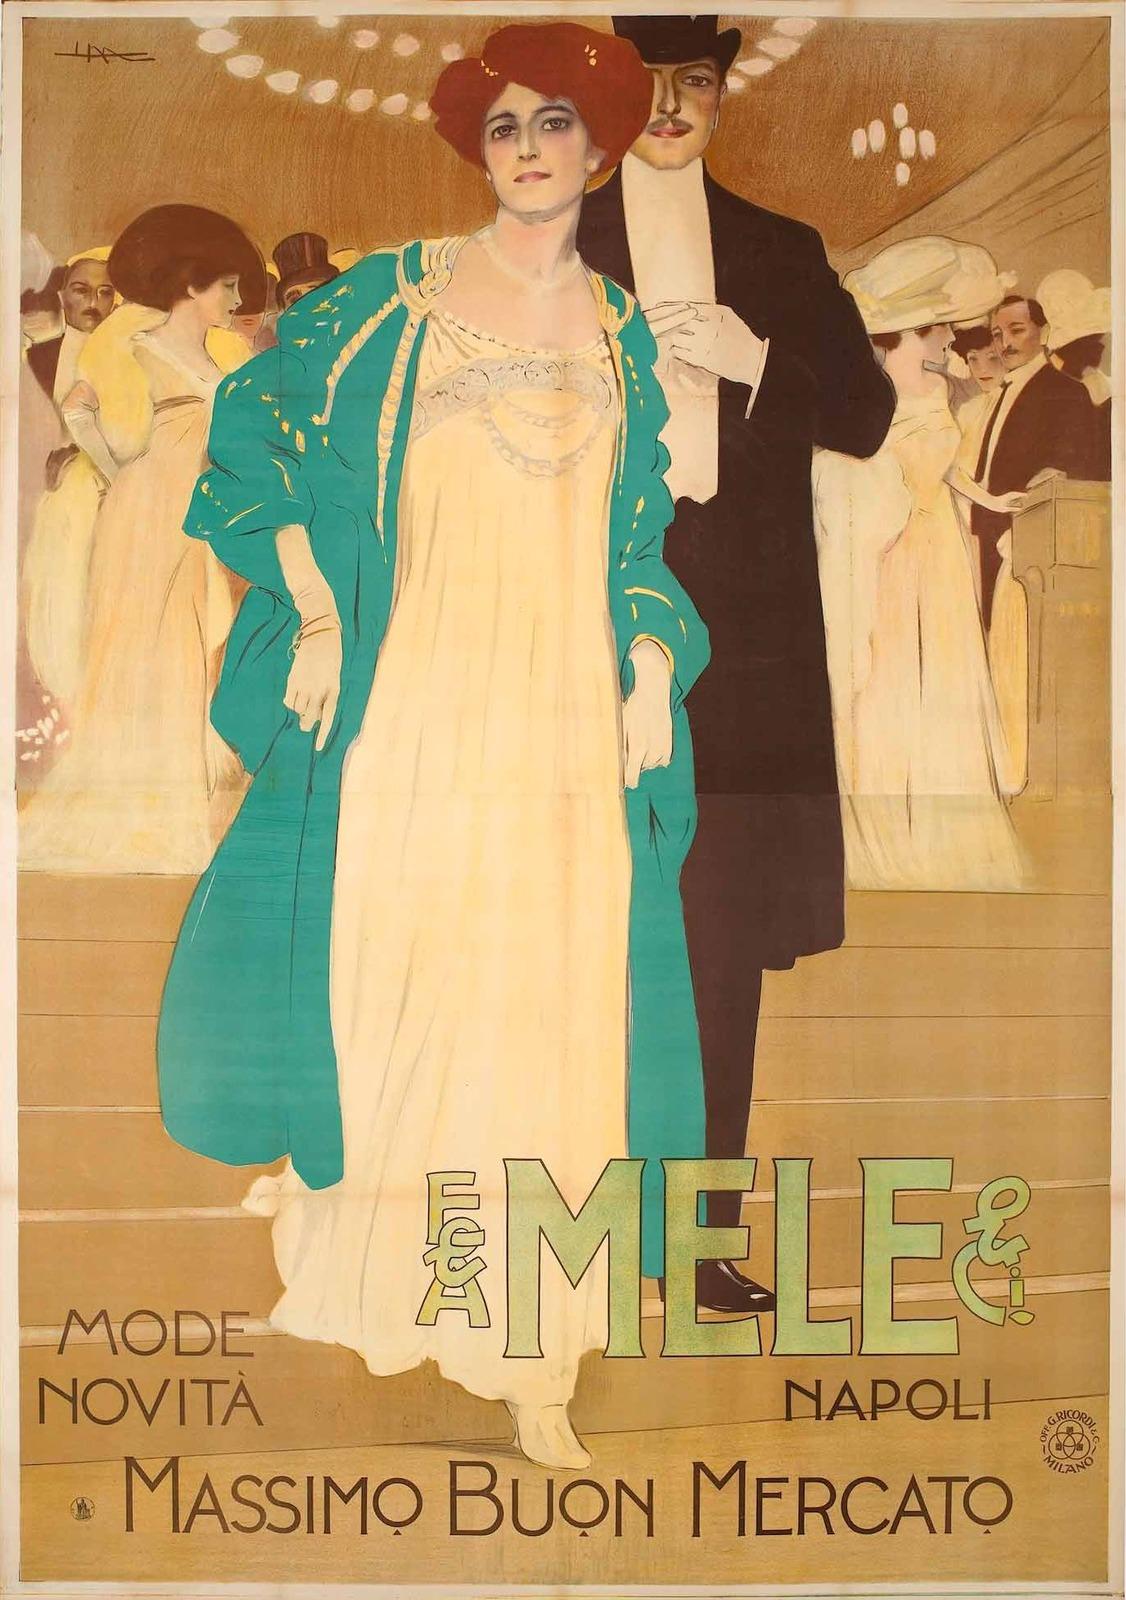 2_1909_Плакат (Poster Mele - Mode novita)_202.2 х 142.5_цветная литография.jpg